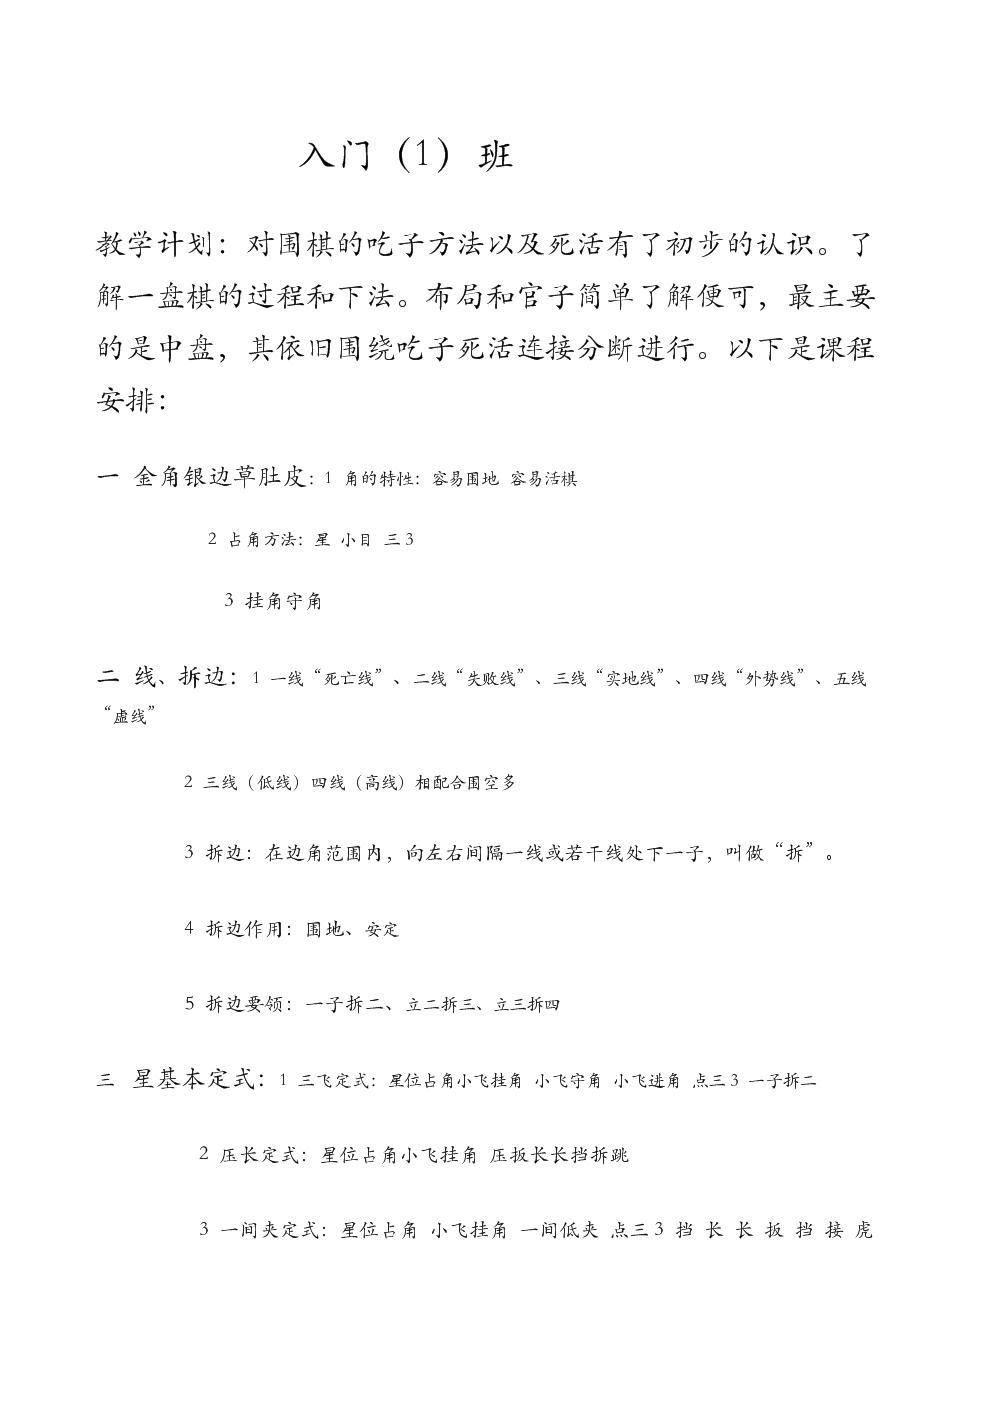 围棋教学大纲和围棋教学工作总结.doc